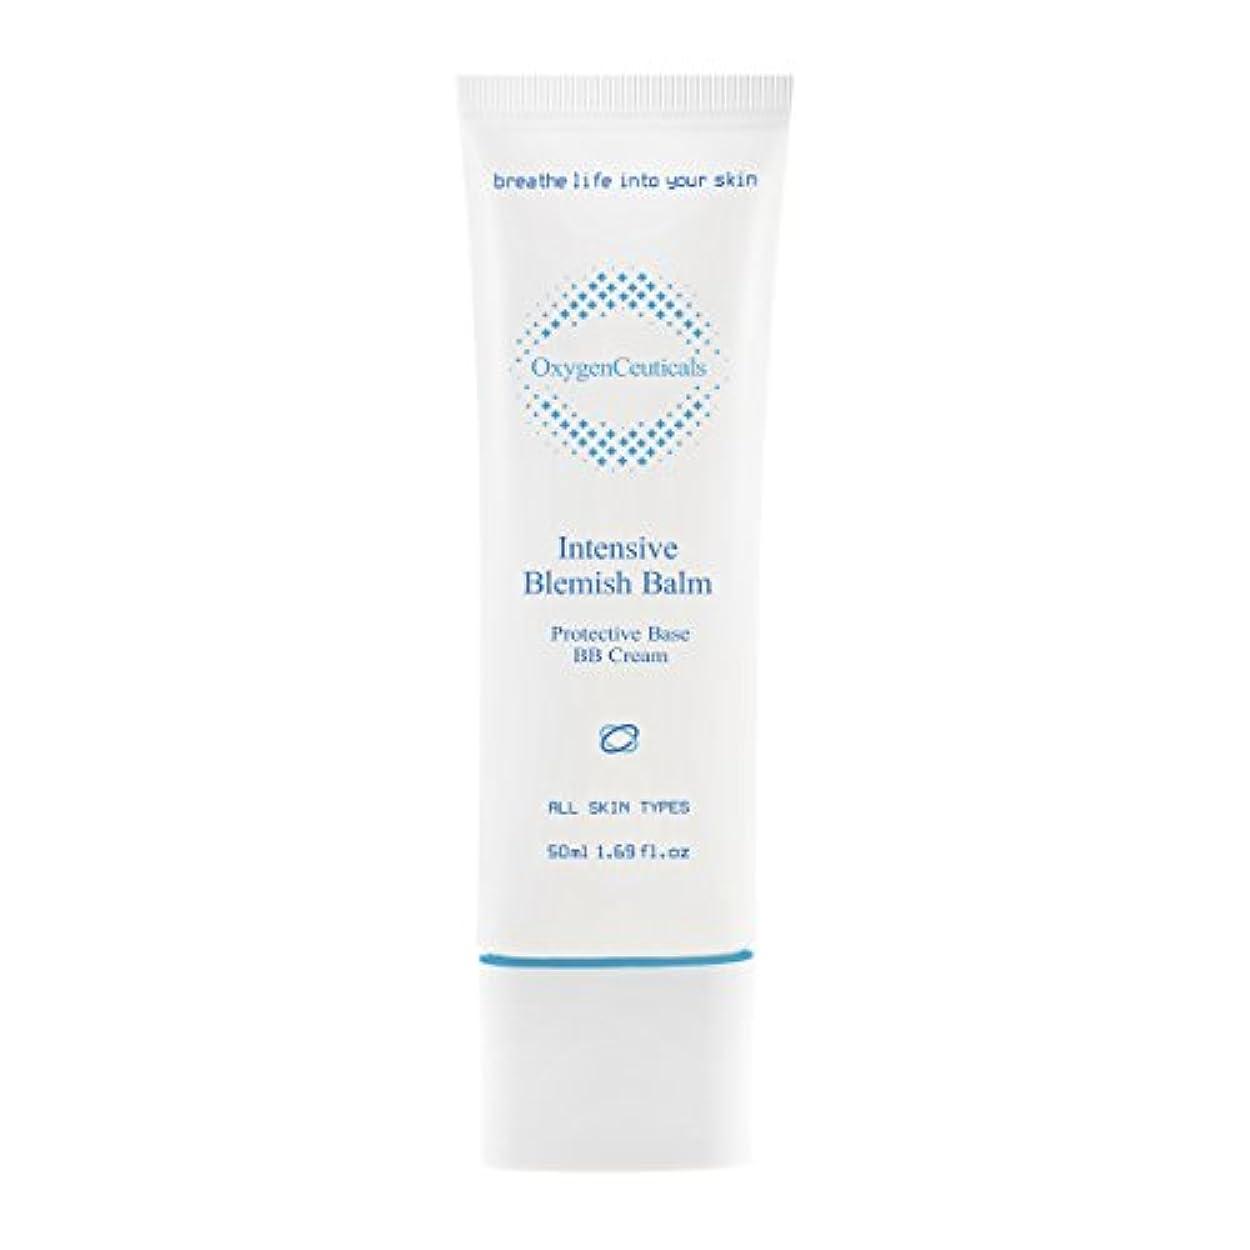 ユニークな観点自然公園[ Oxygen Ceuticals ] オキシジェンシューティカルズ 酸素BBクリーム[再.生BB] 50ml. Intensive Blemish Balm(BB Cream) 50ml. X Mask Pack 1p.